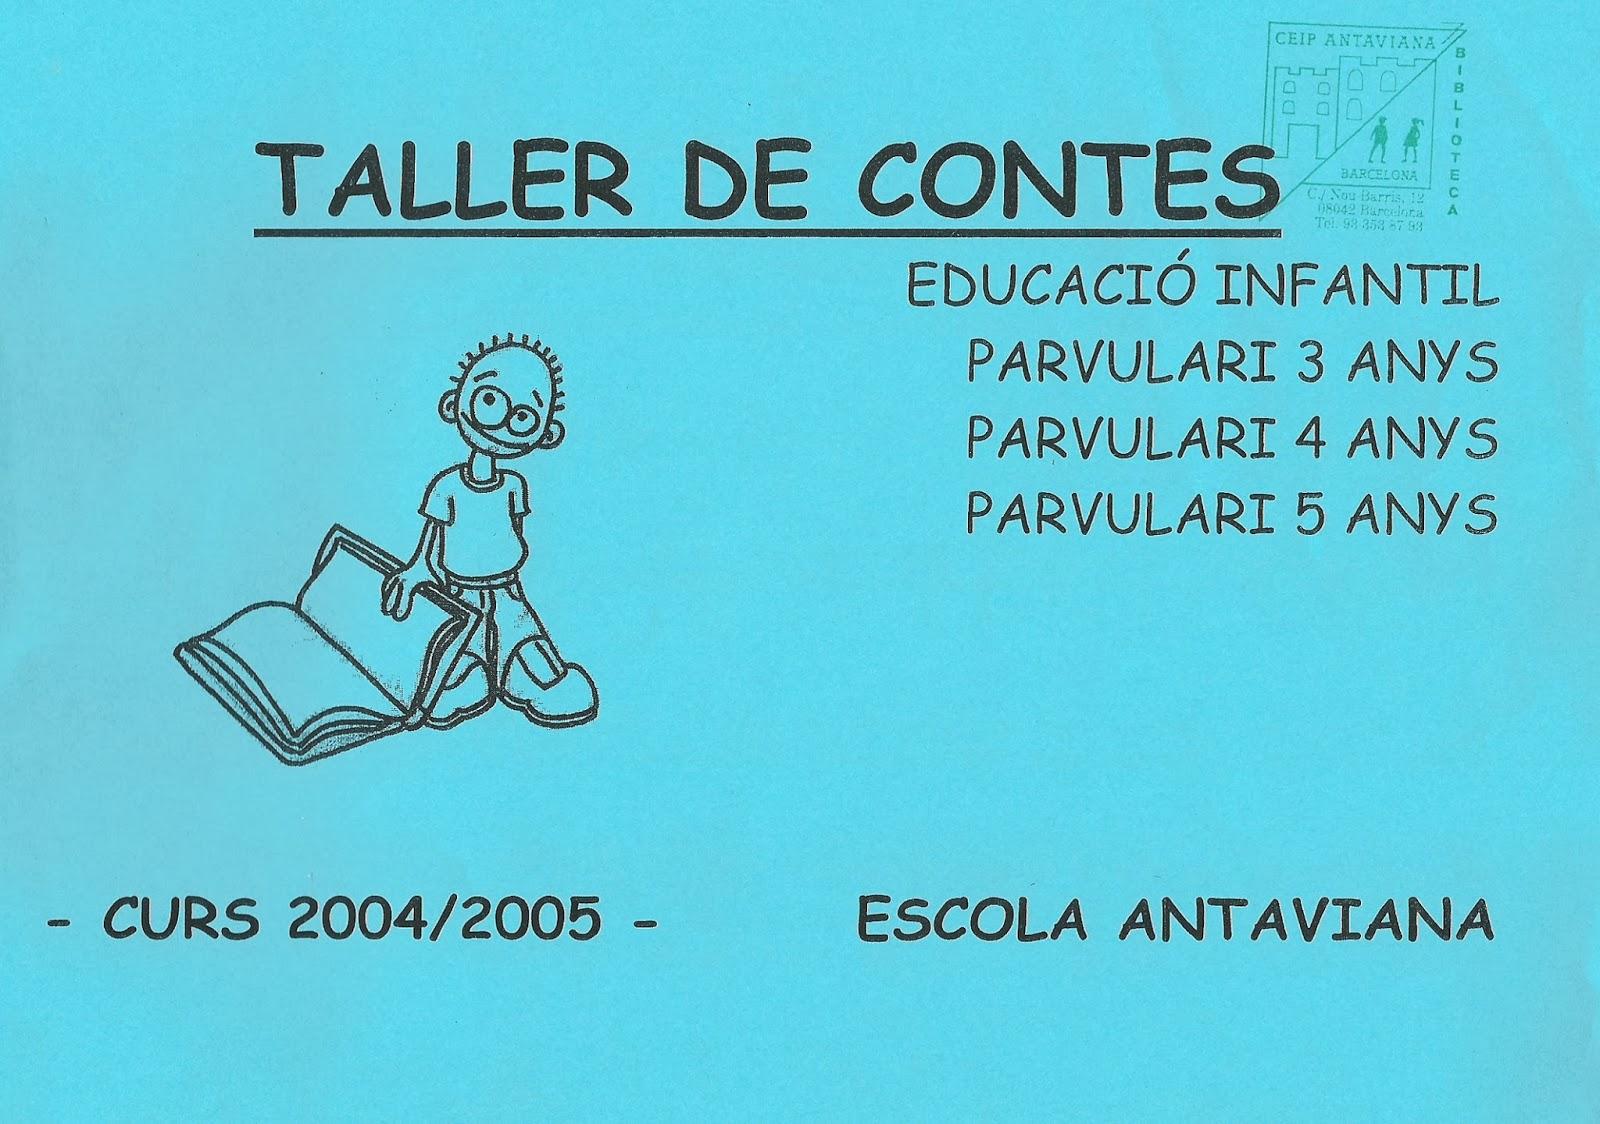 http://issuu.com/blocsdantaviana/docs/dossier_sencer_contes_04-05